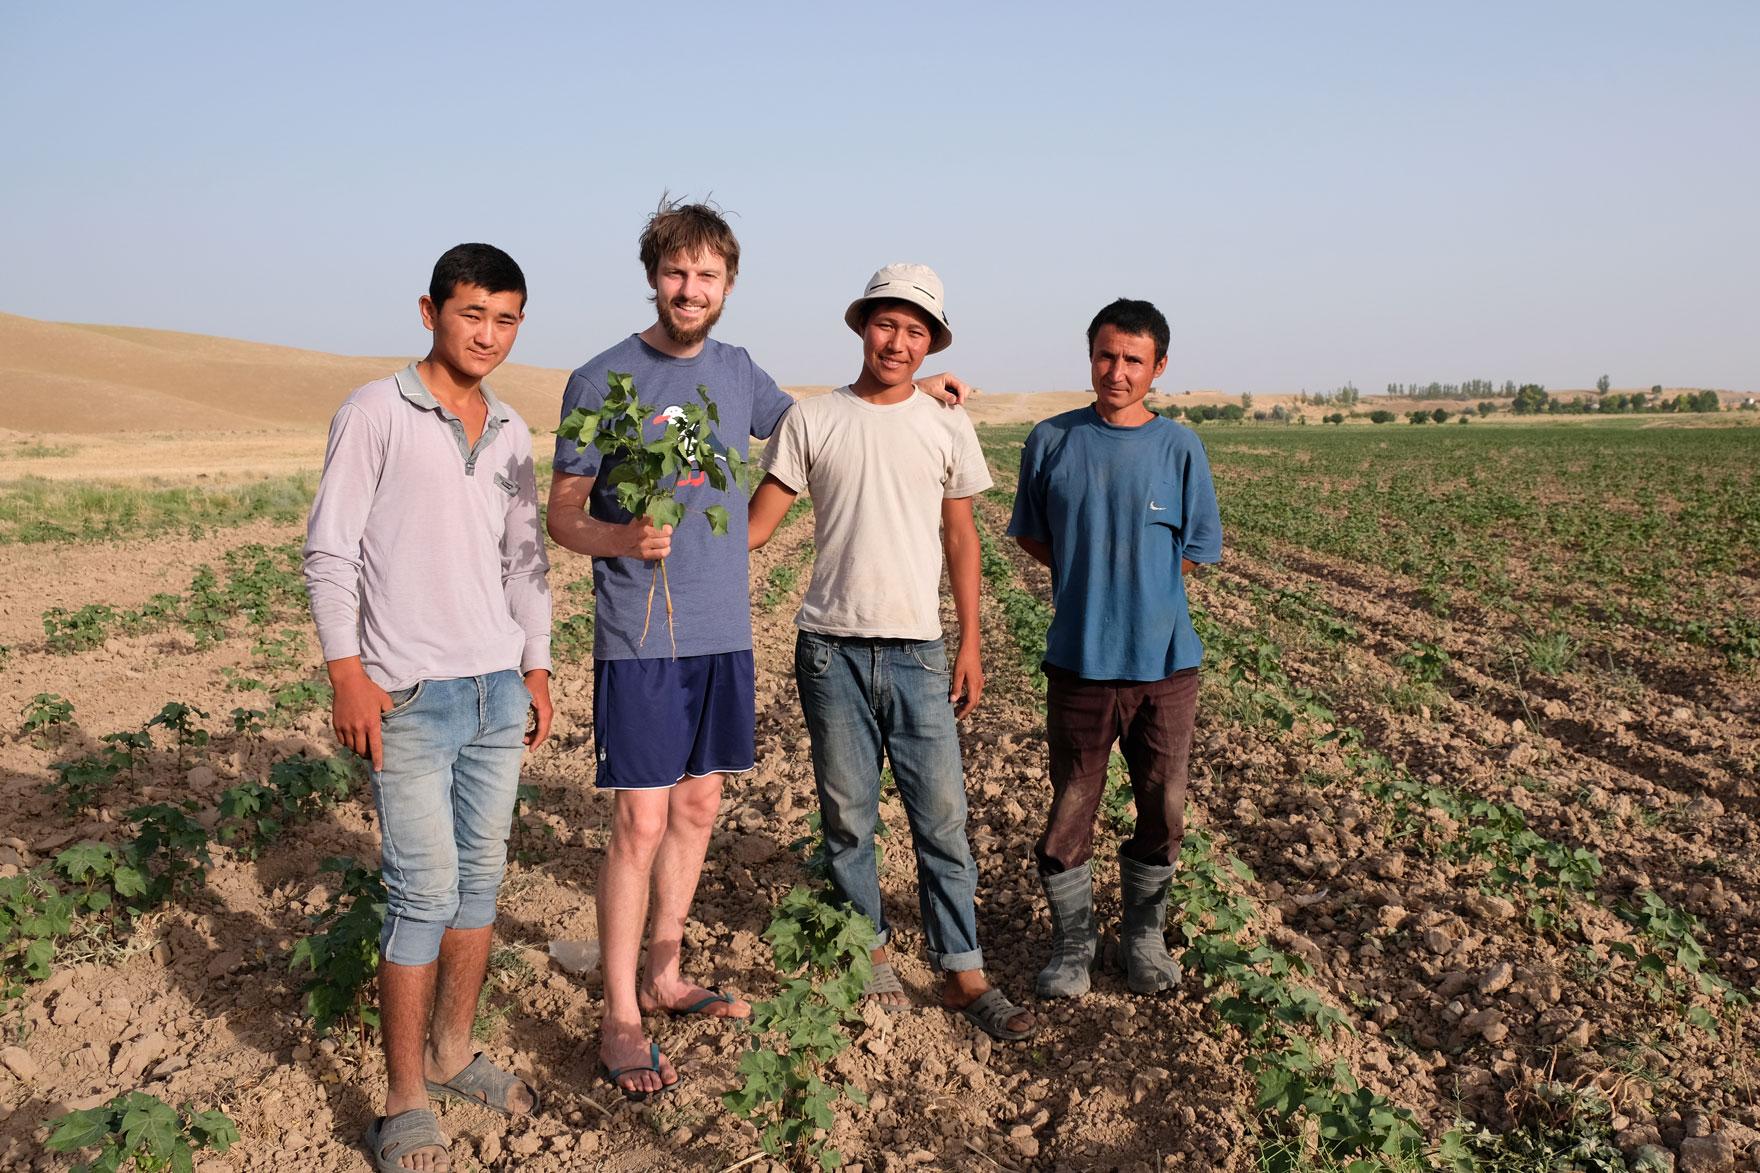 Sebastian mit drei Männern auf einem Baumwollfeld